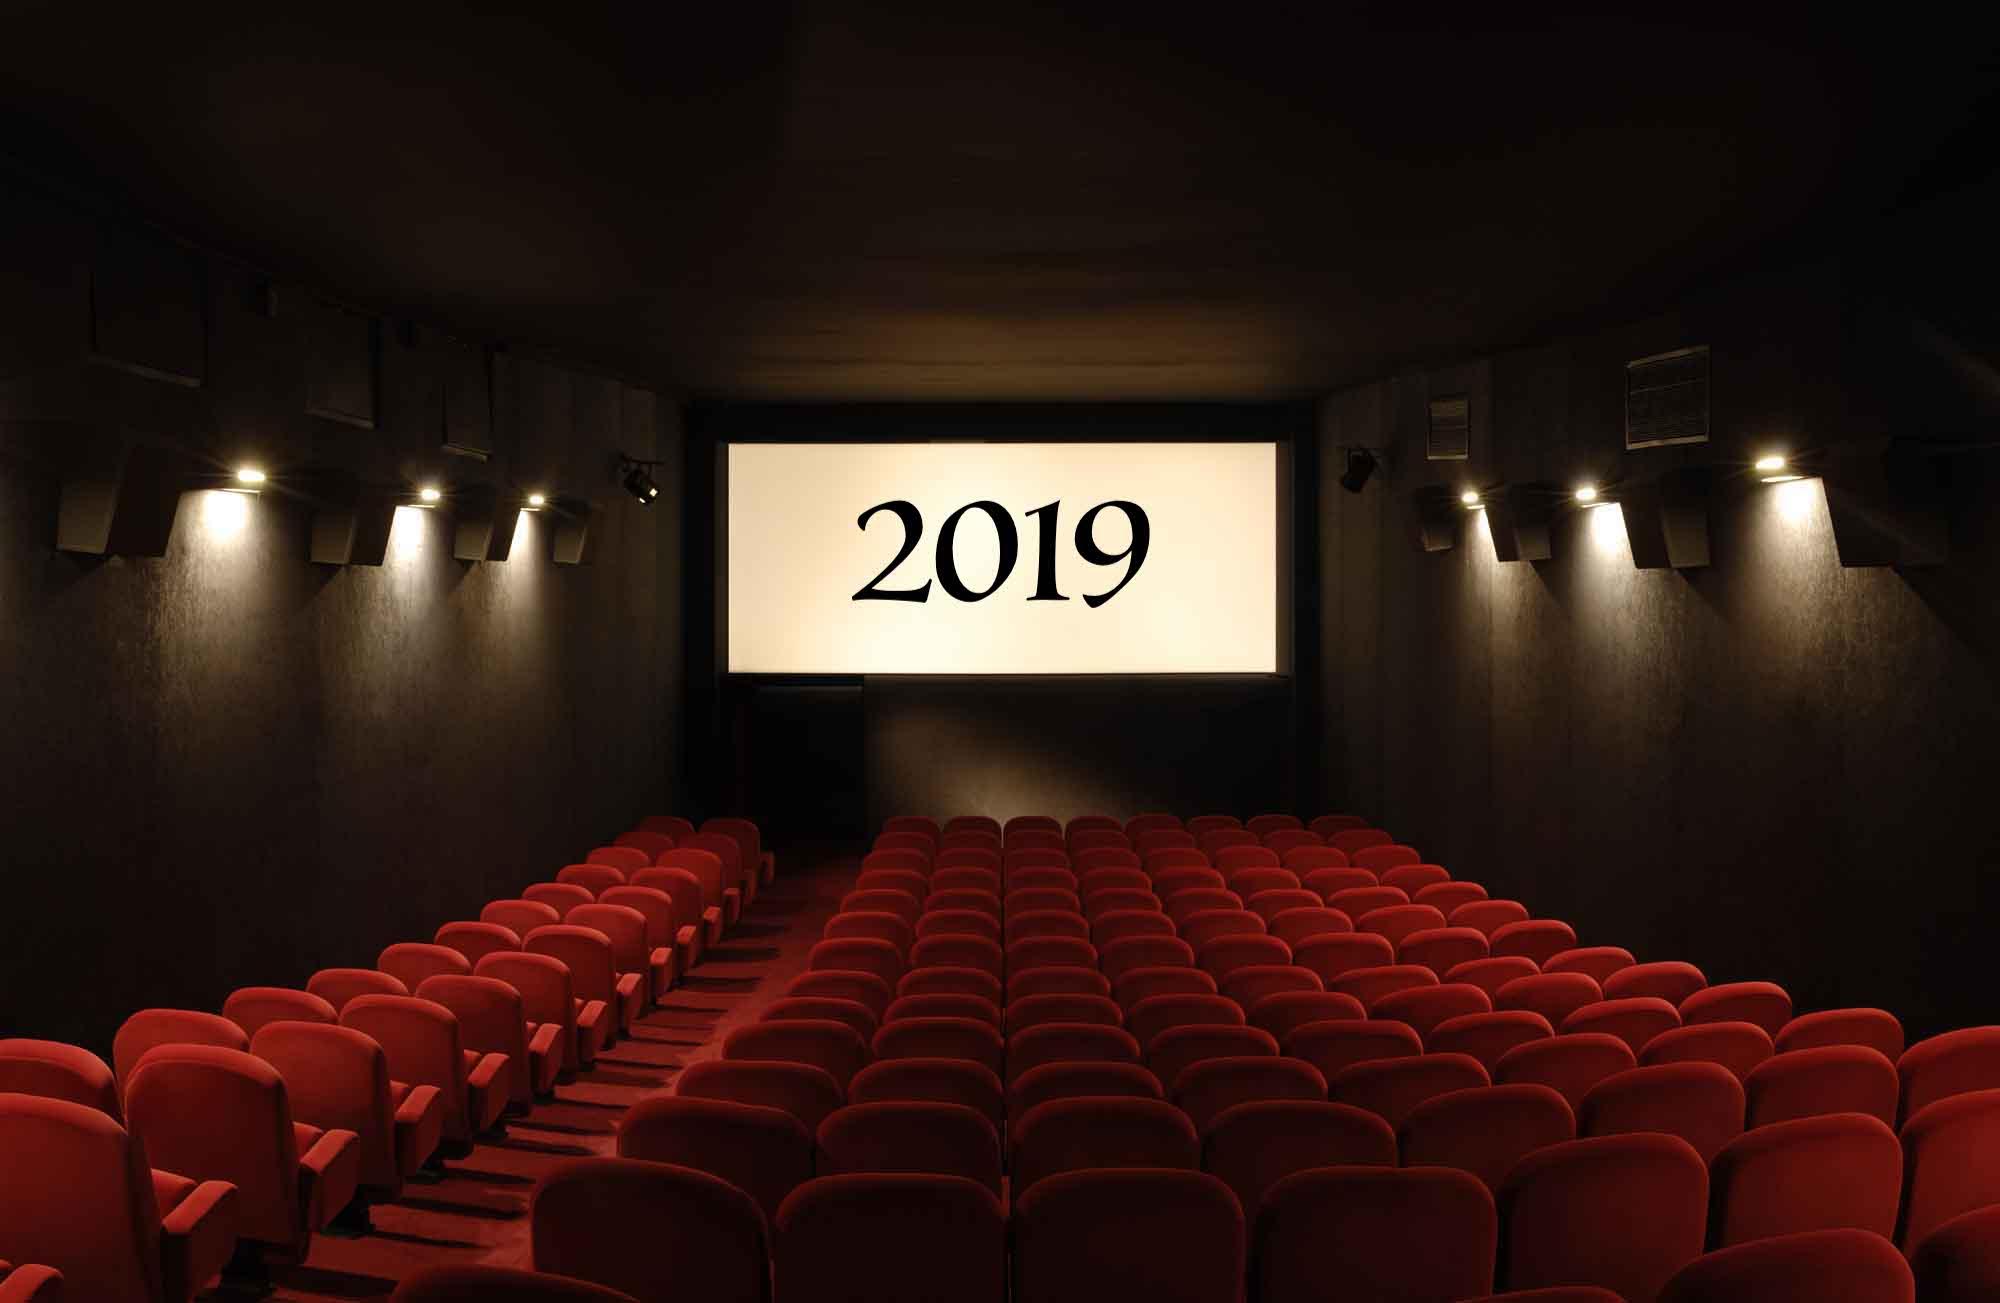 Προεπισκόπηση ταινίας 2019